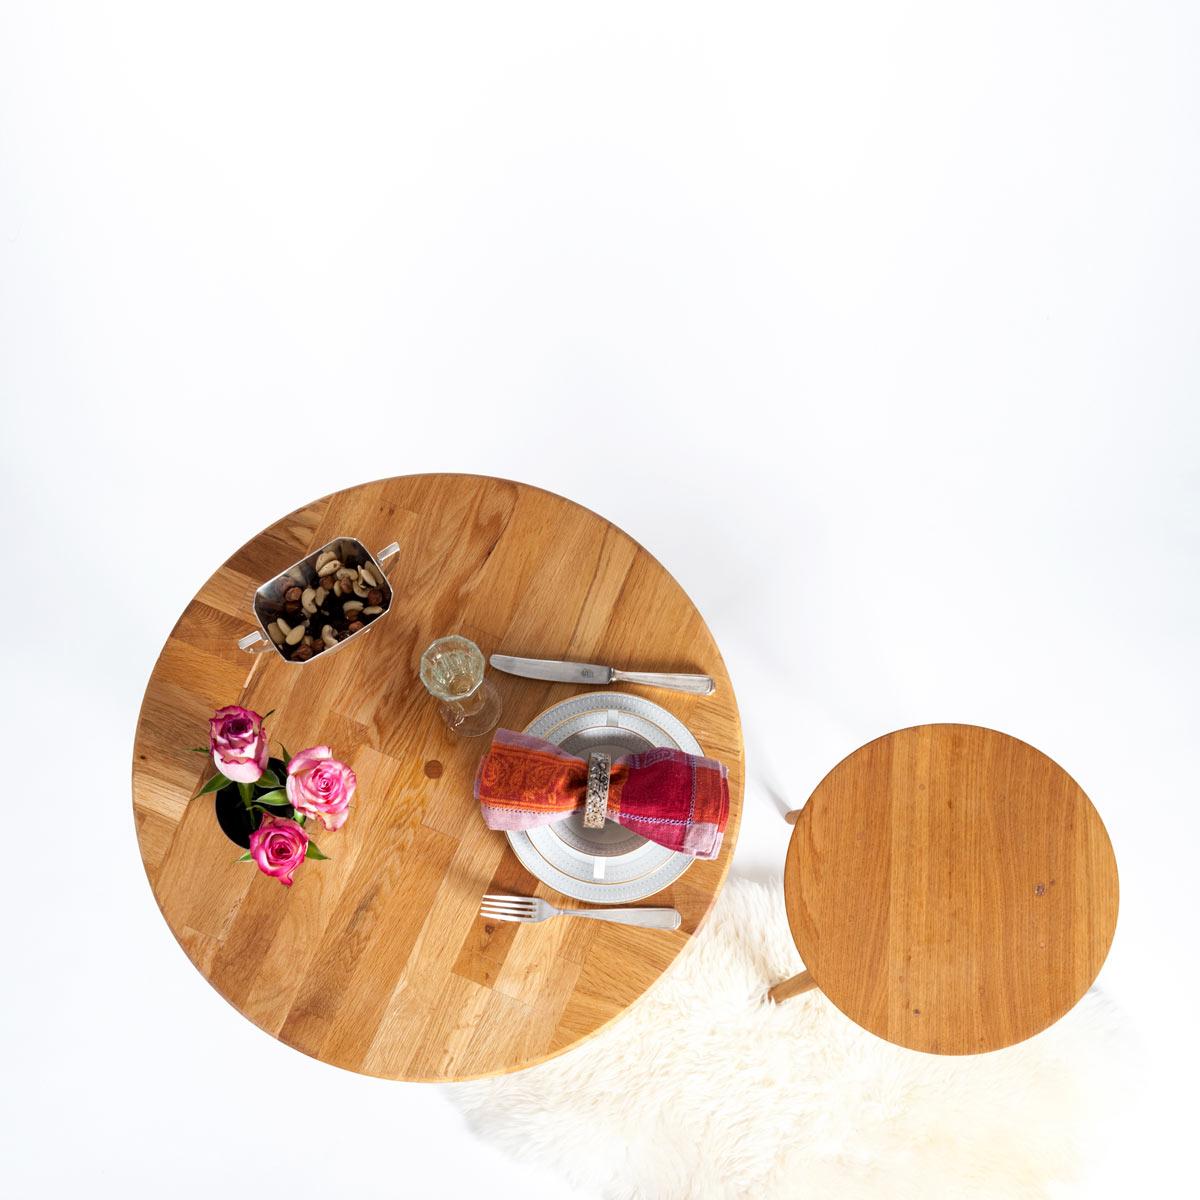 Serviettenringe FRIEDEL, Tisch LEWIN und Hocker LANDELIN, JK. Möbeldesign